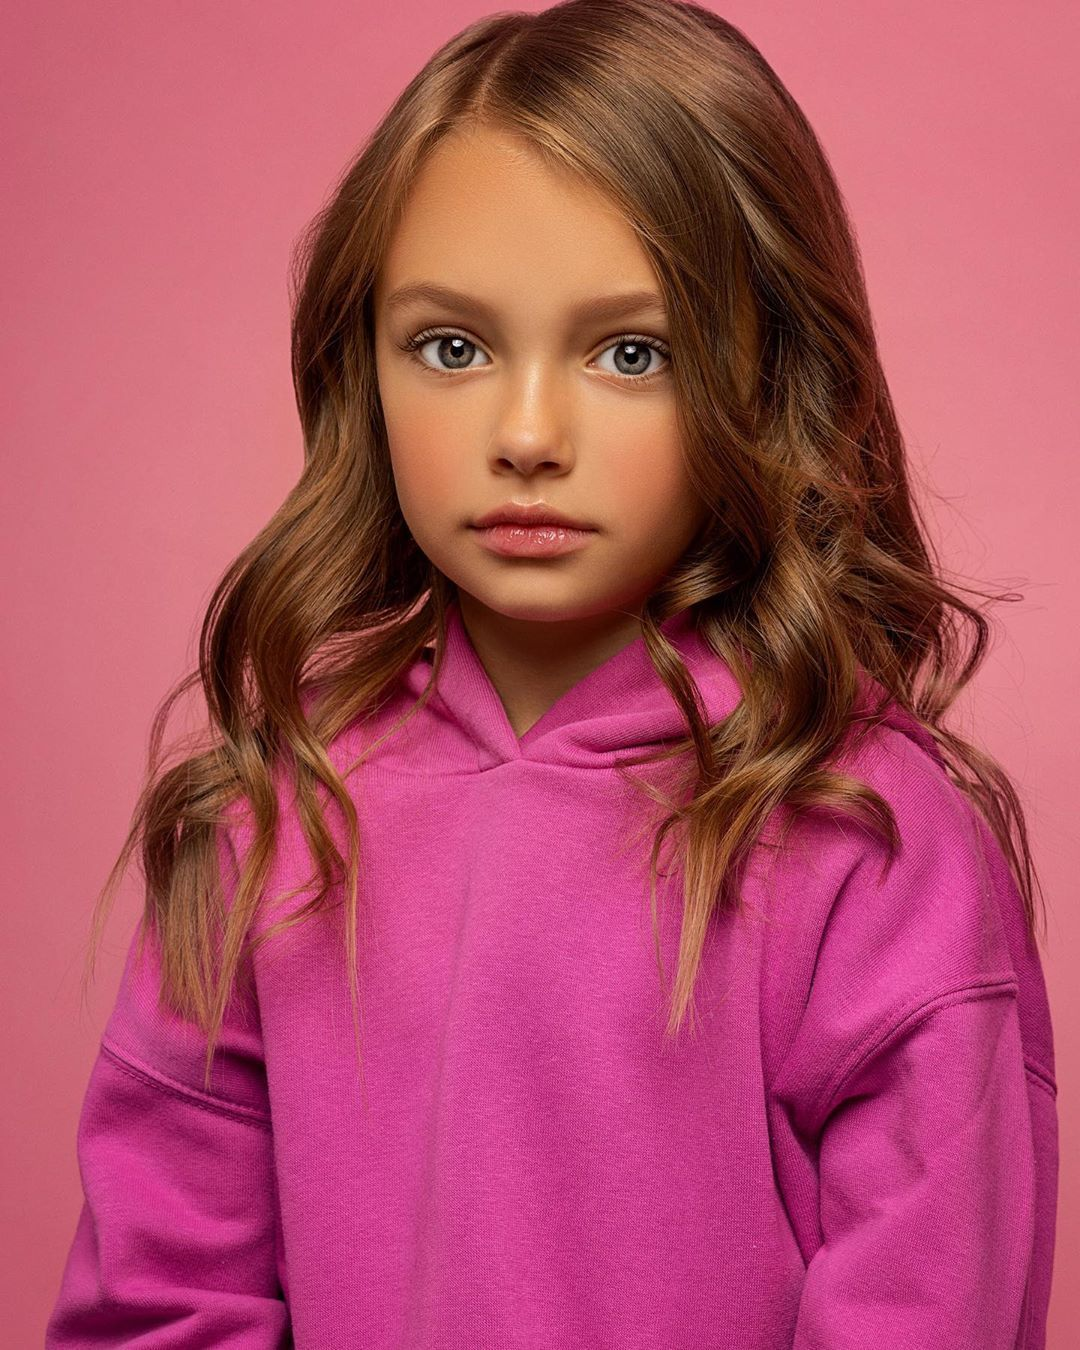 Diana Pankratova Top Kids On Instagram Obvorozhitelnaya Alenka Alena Epifanova Krasivye Devochki Molodye Modeli Modeli